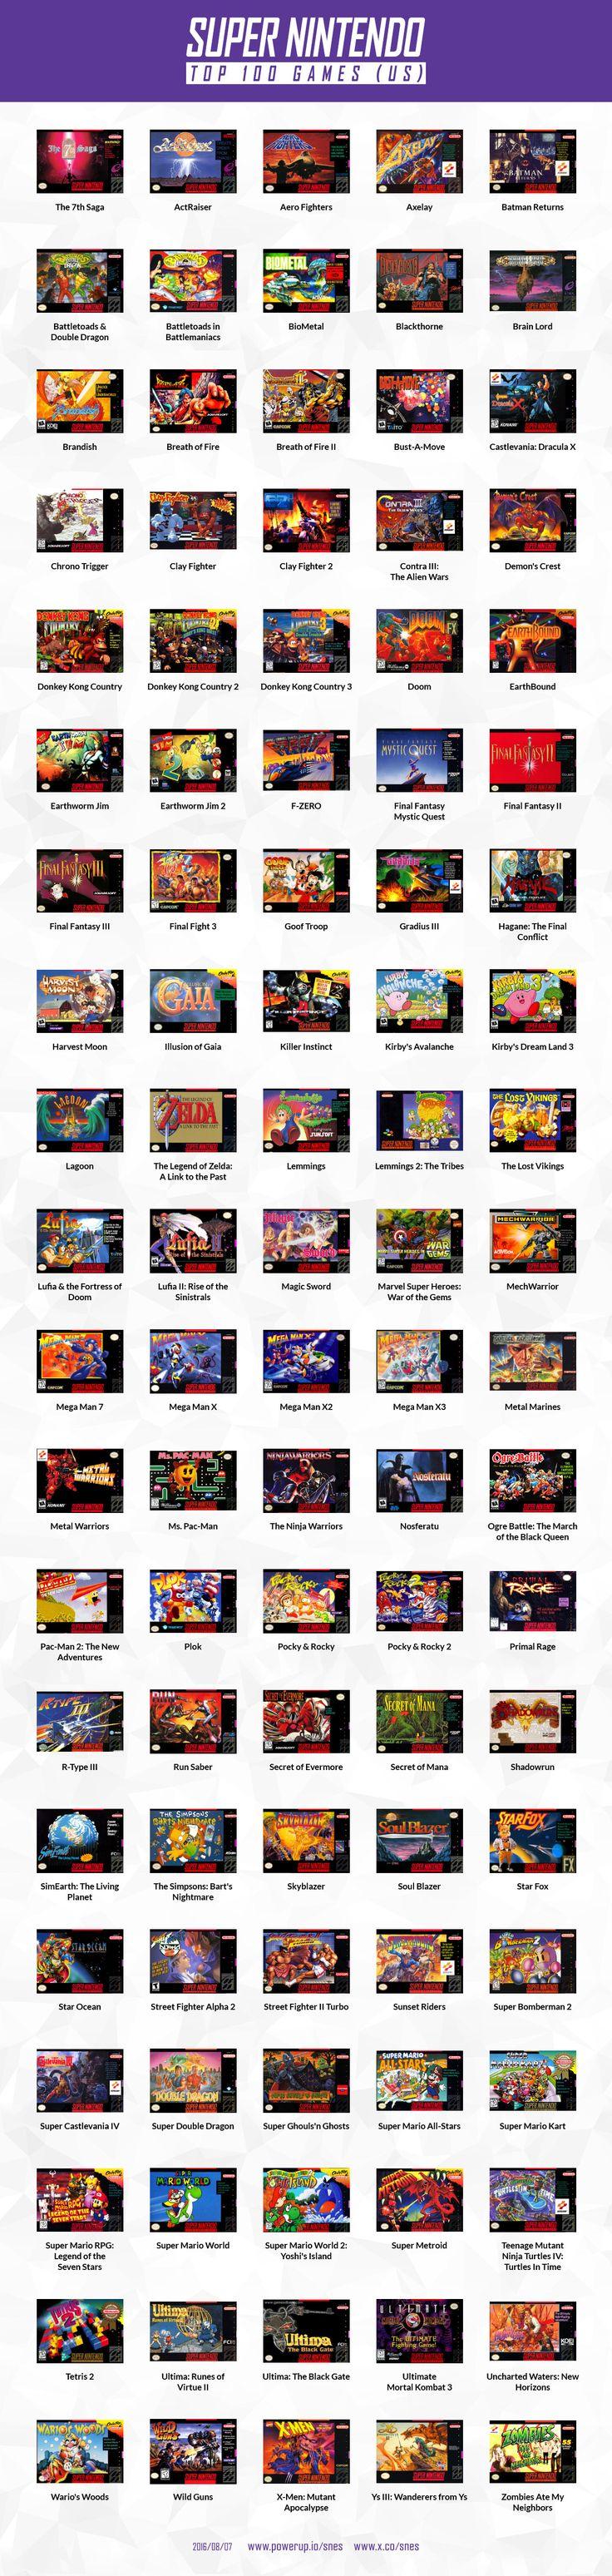 Top 100 Super Nintendo Games (US) - Imgur